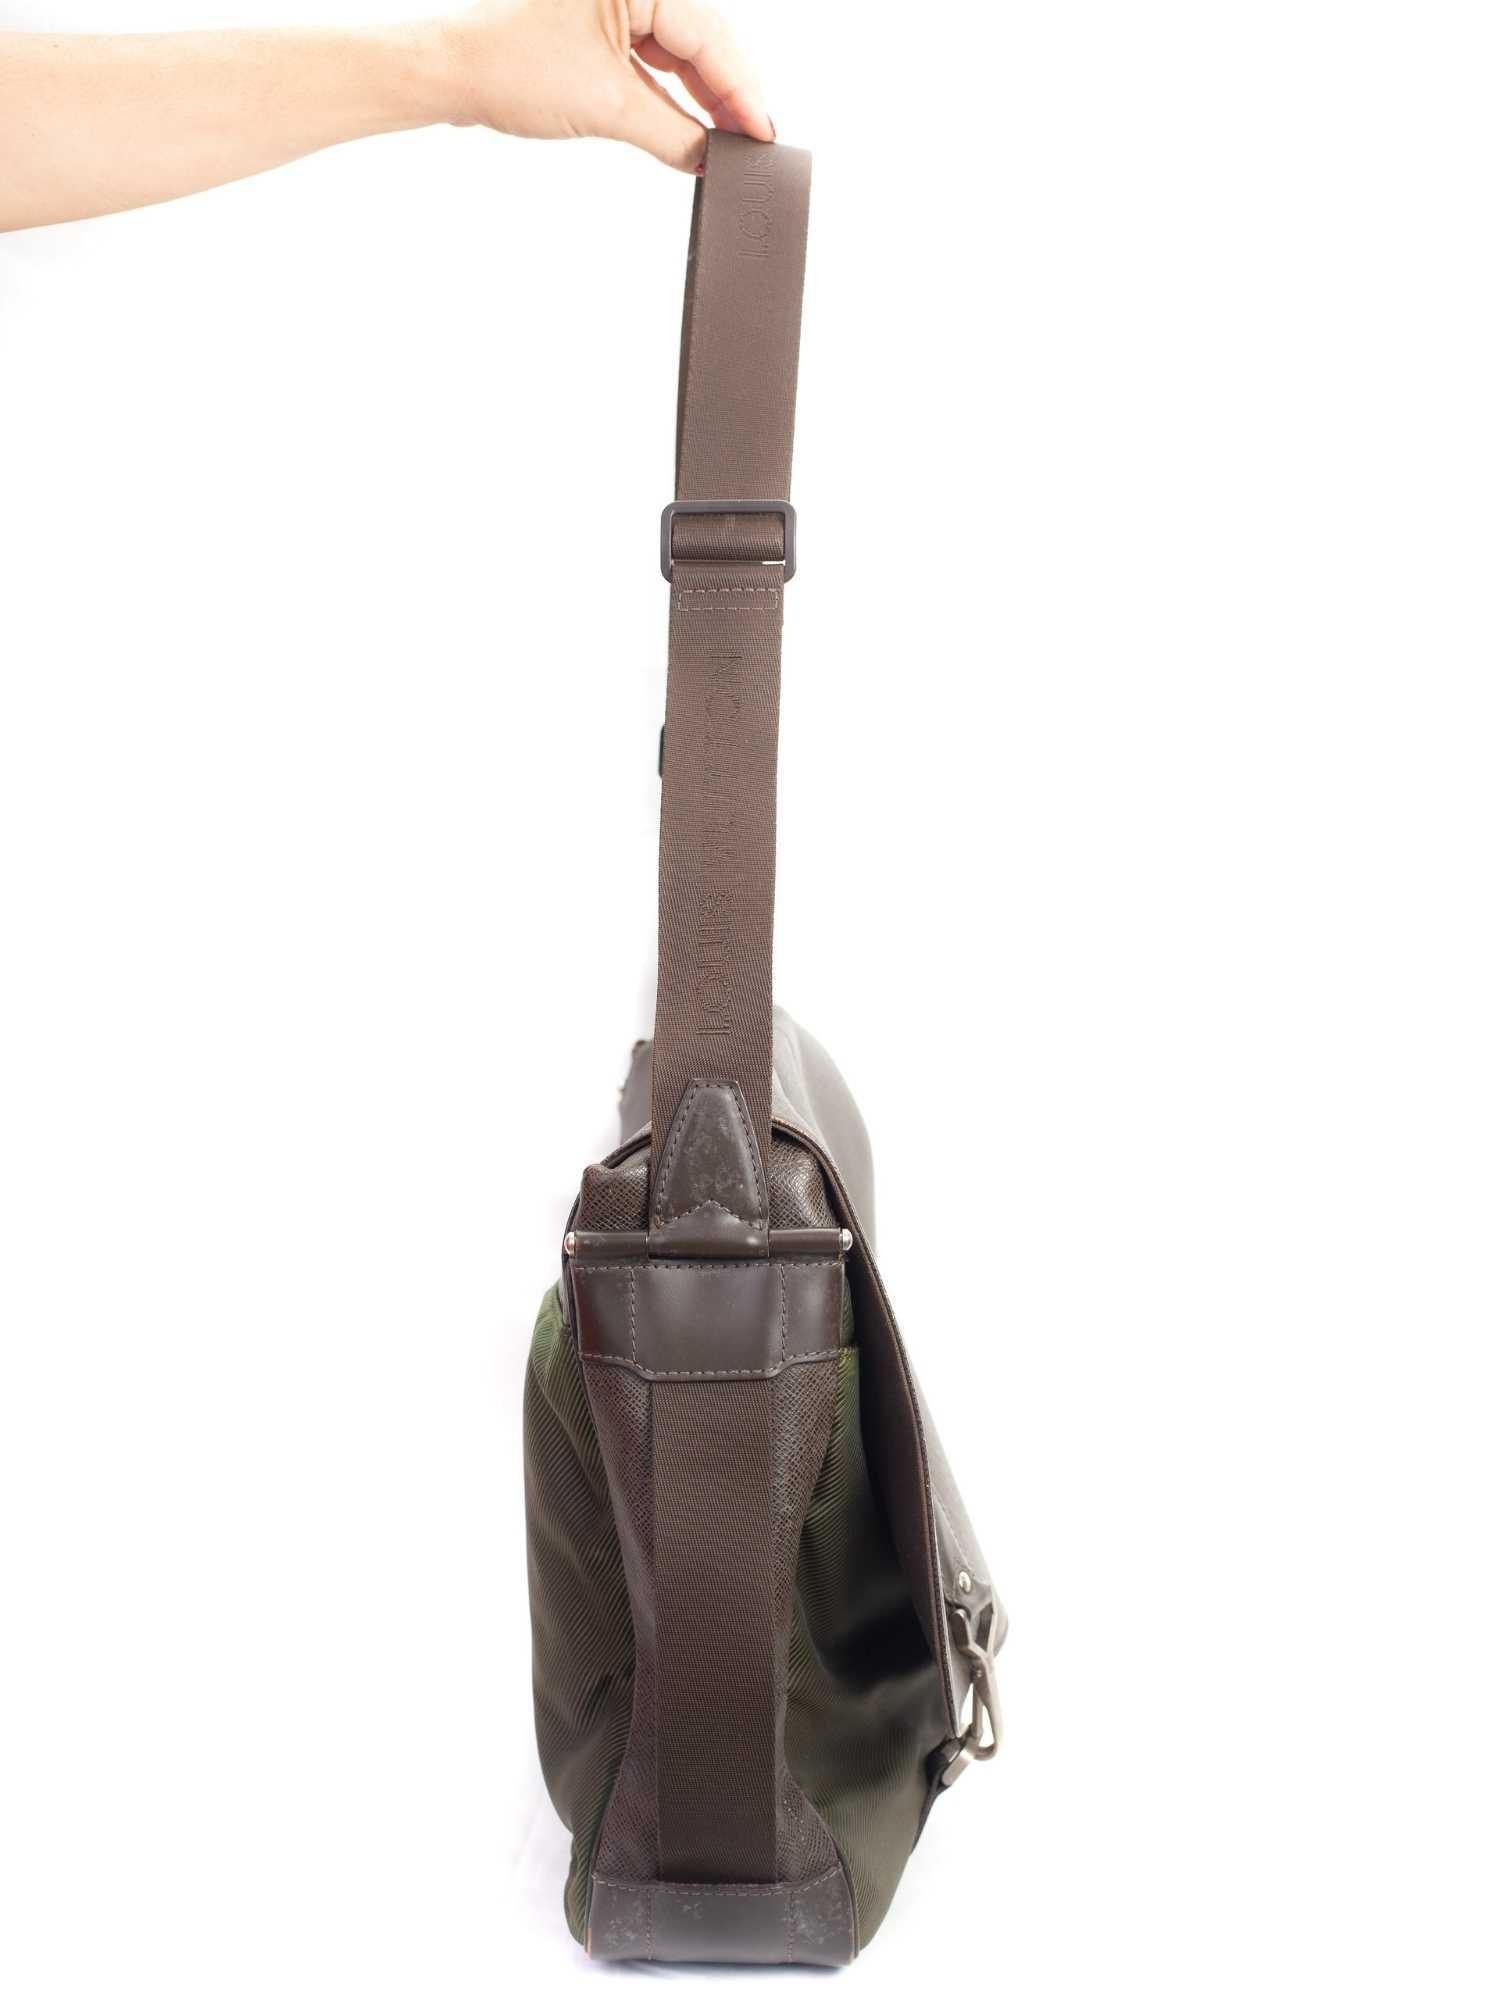 Bolsa Louis Vuitton Masculina Transversal